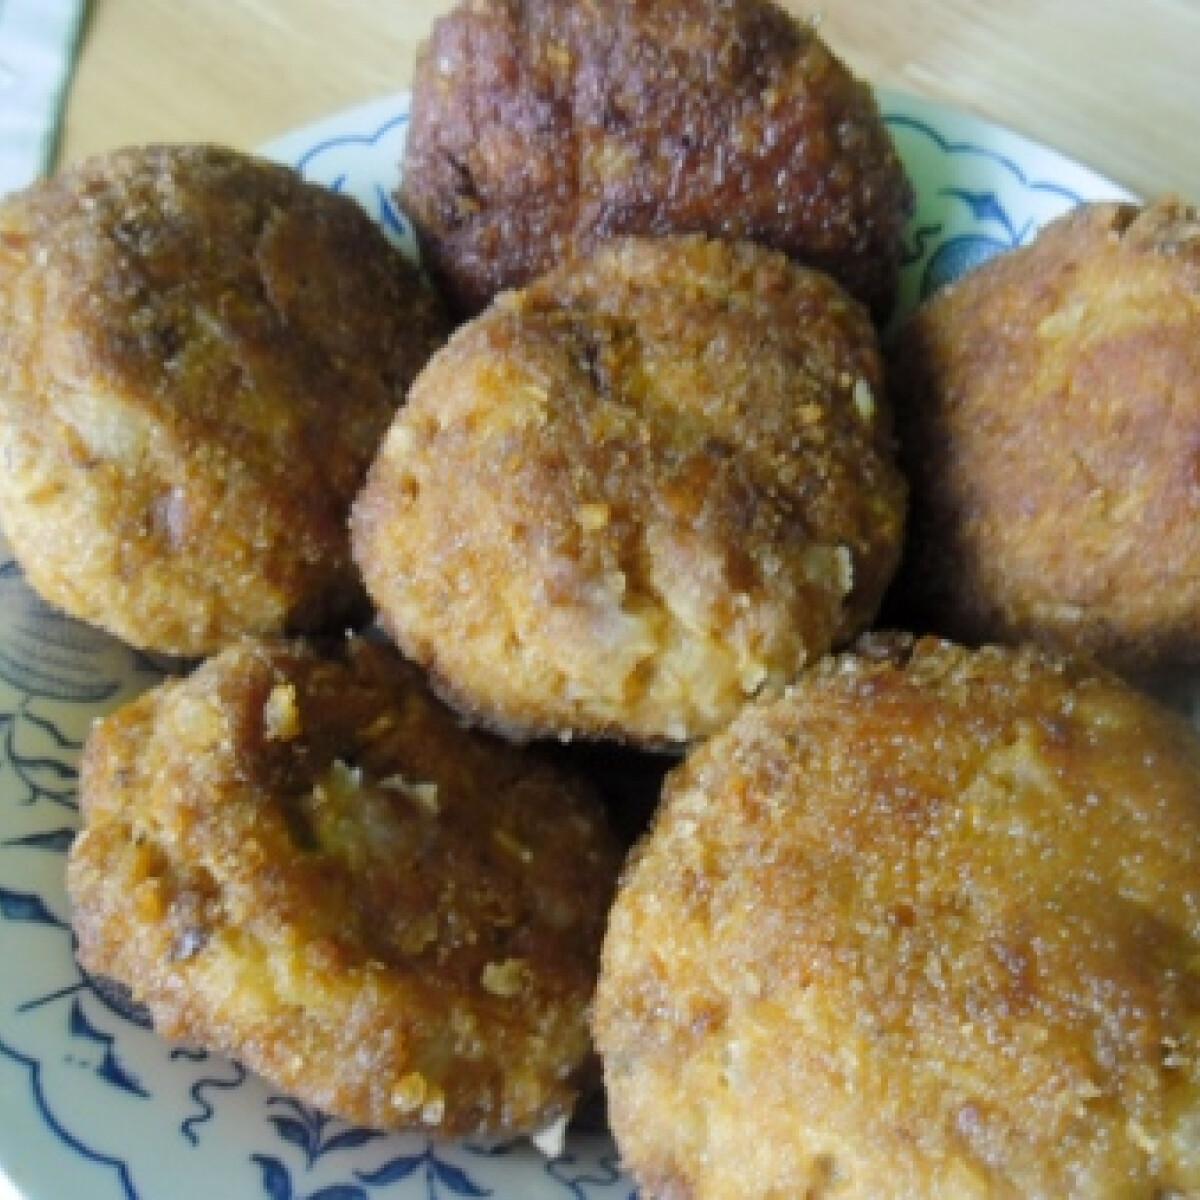 Krumplis fasírt ahogy helena készíti